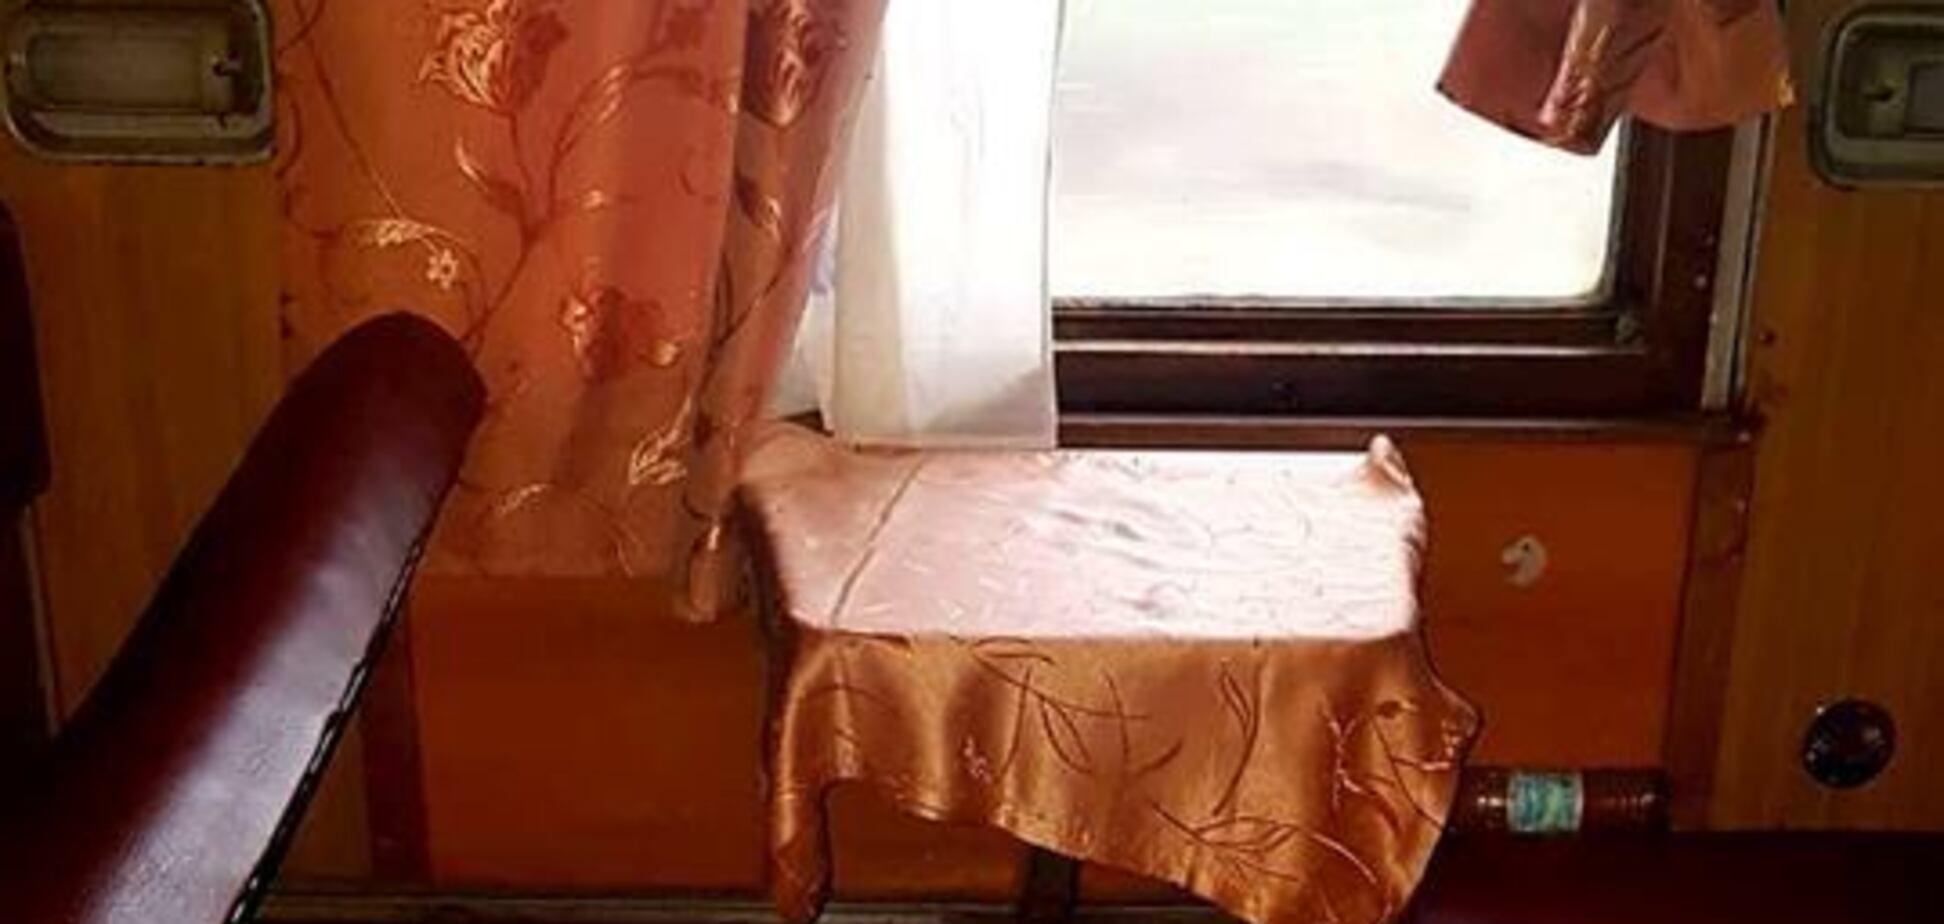 Умови в поїзді 'Укрзалізниці' розлютили мережу